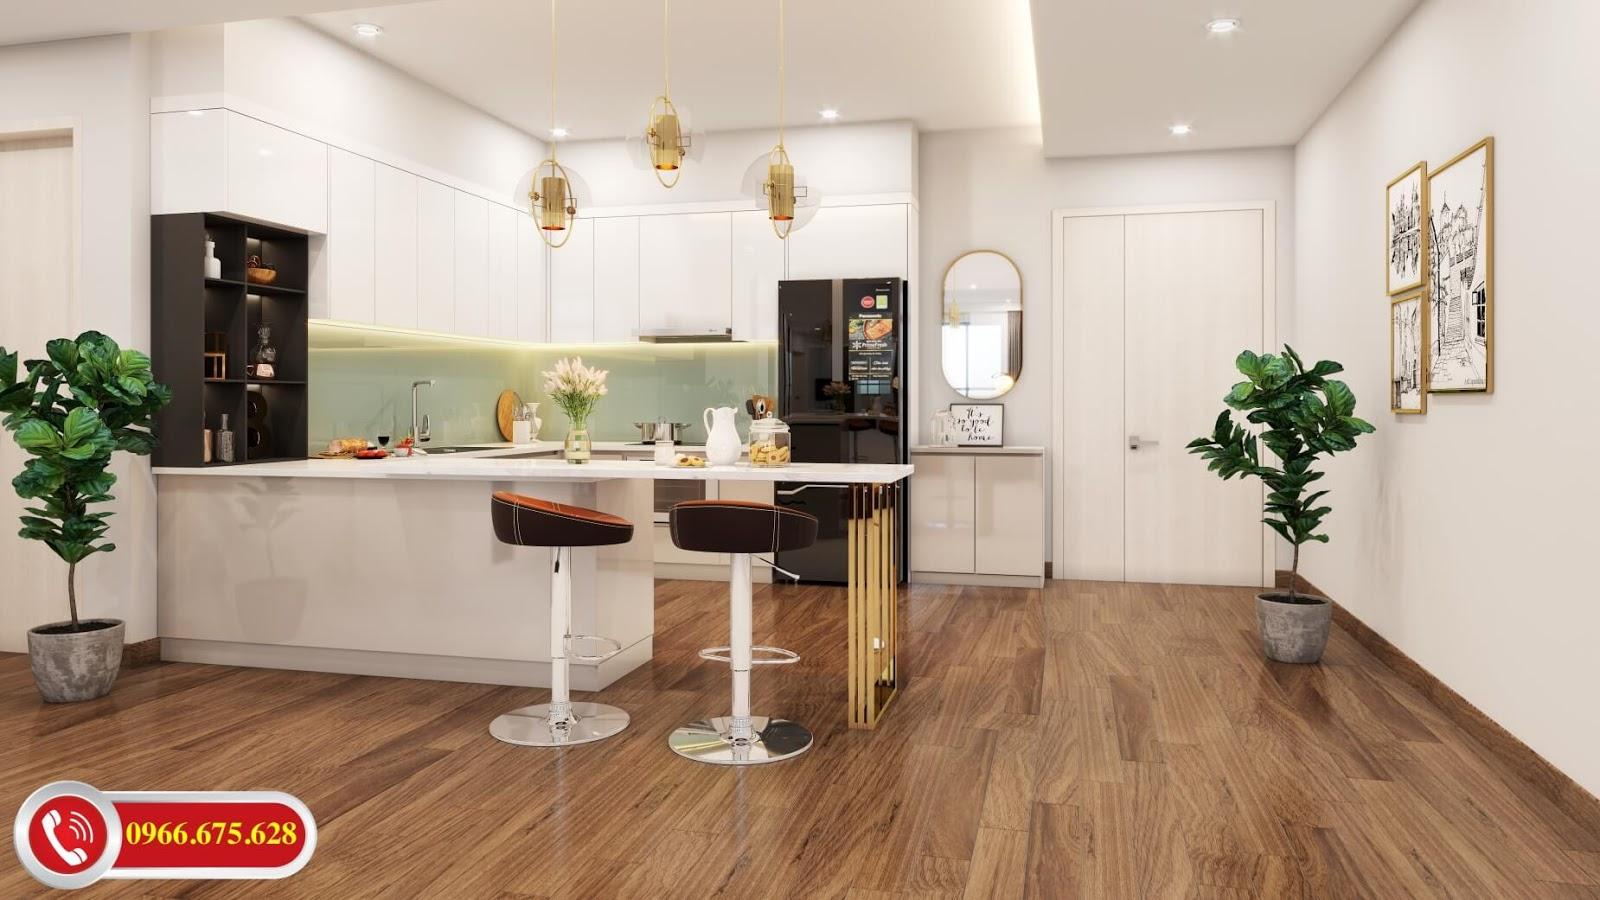 Bếp ăn căn hộ A4 chung cư 622 Minh Khai